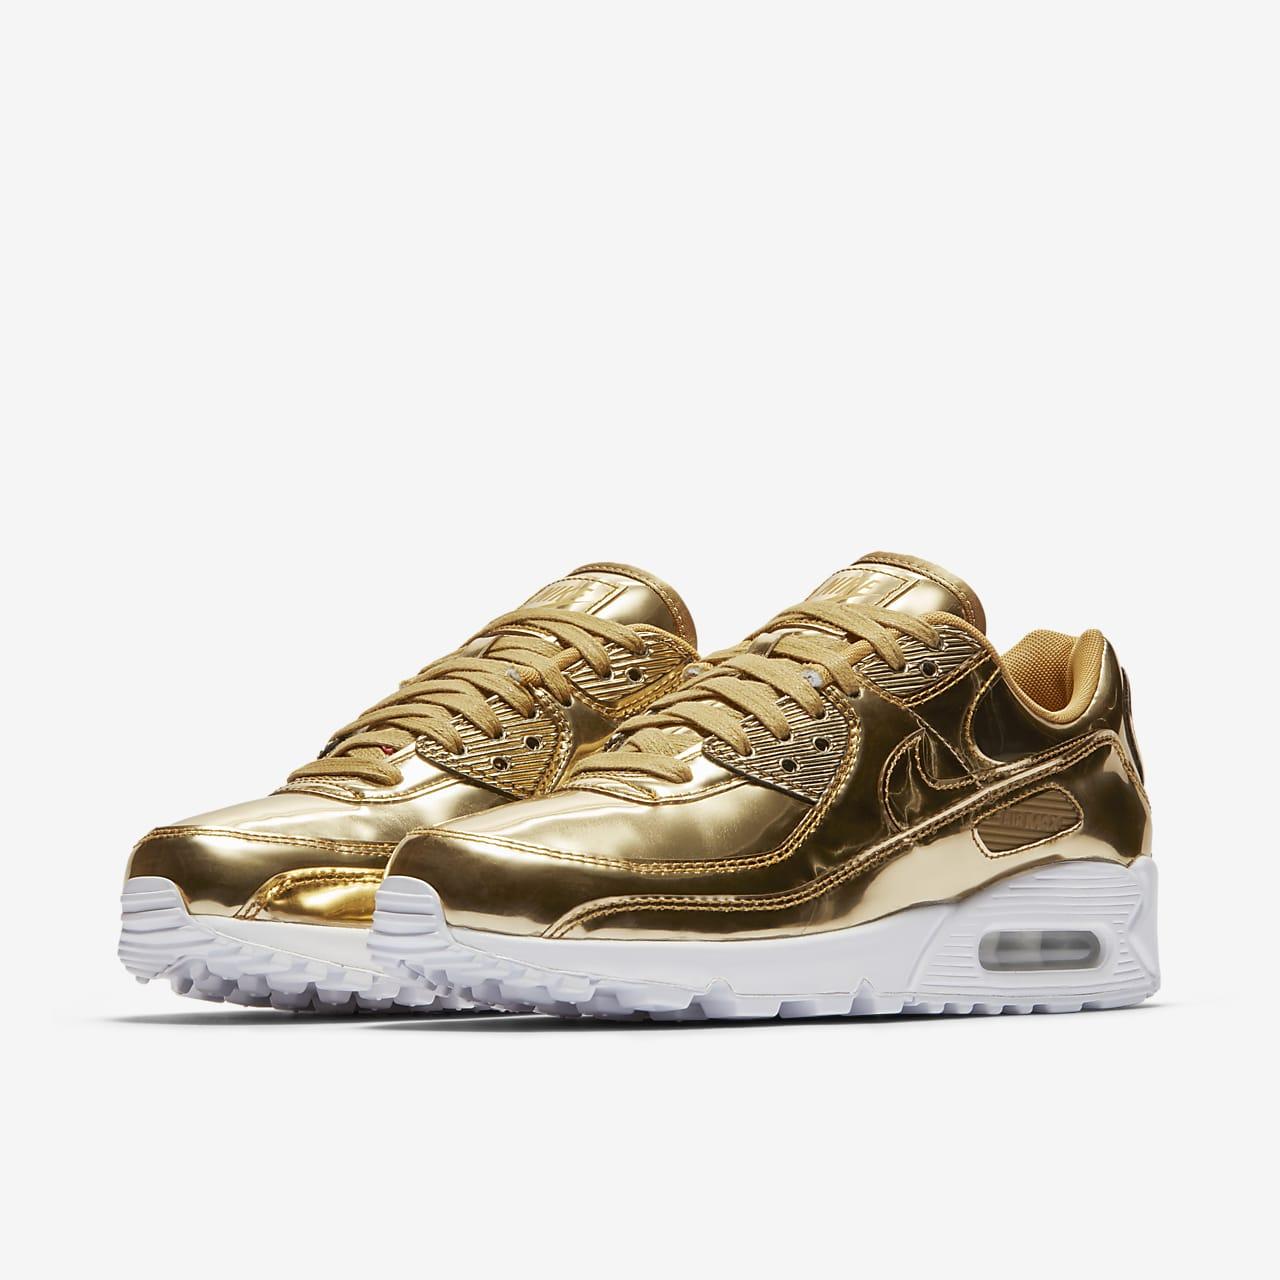 air max 96 oro